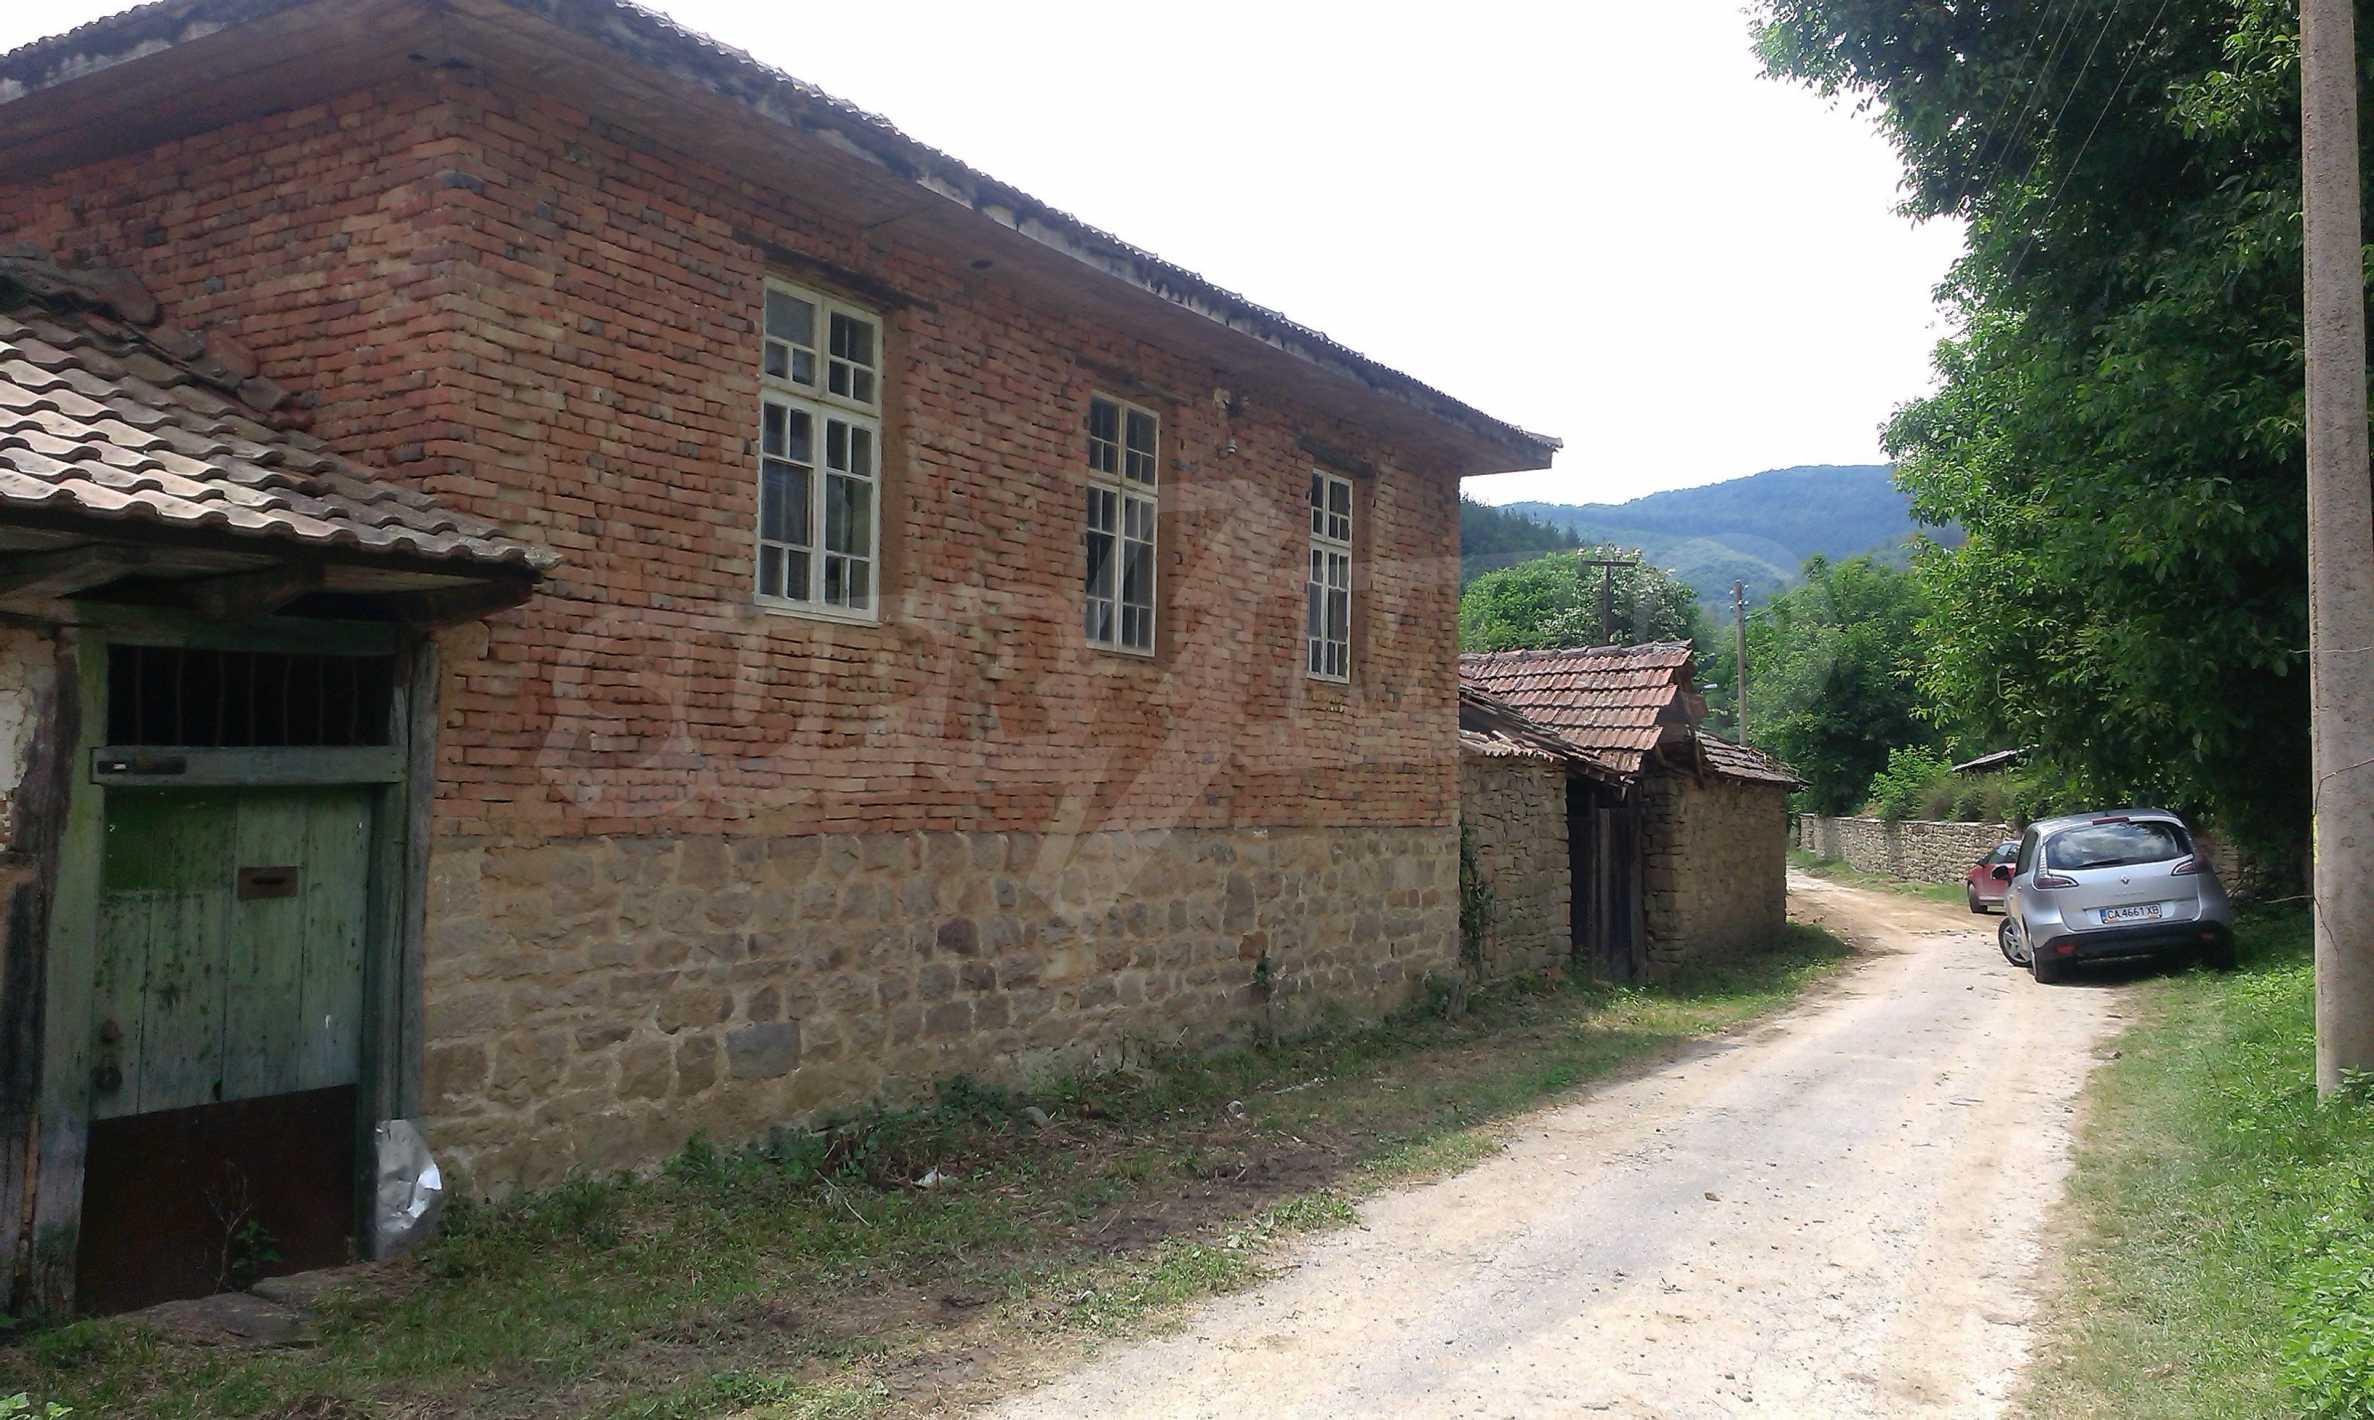 Тухлена двуетажна къща само на 22 км от Велико Търново  22